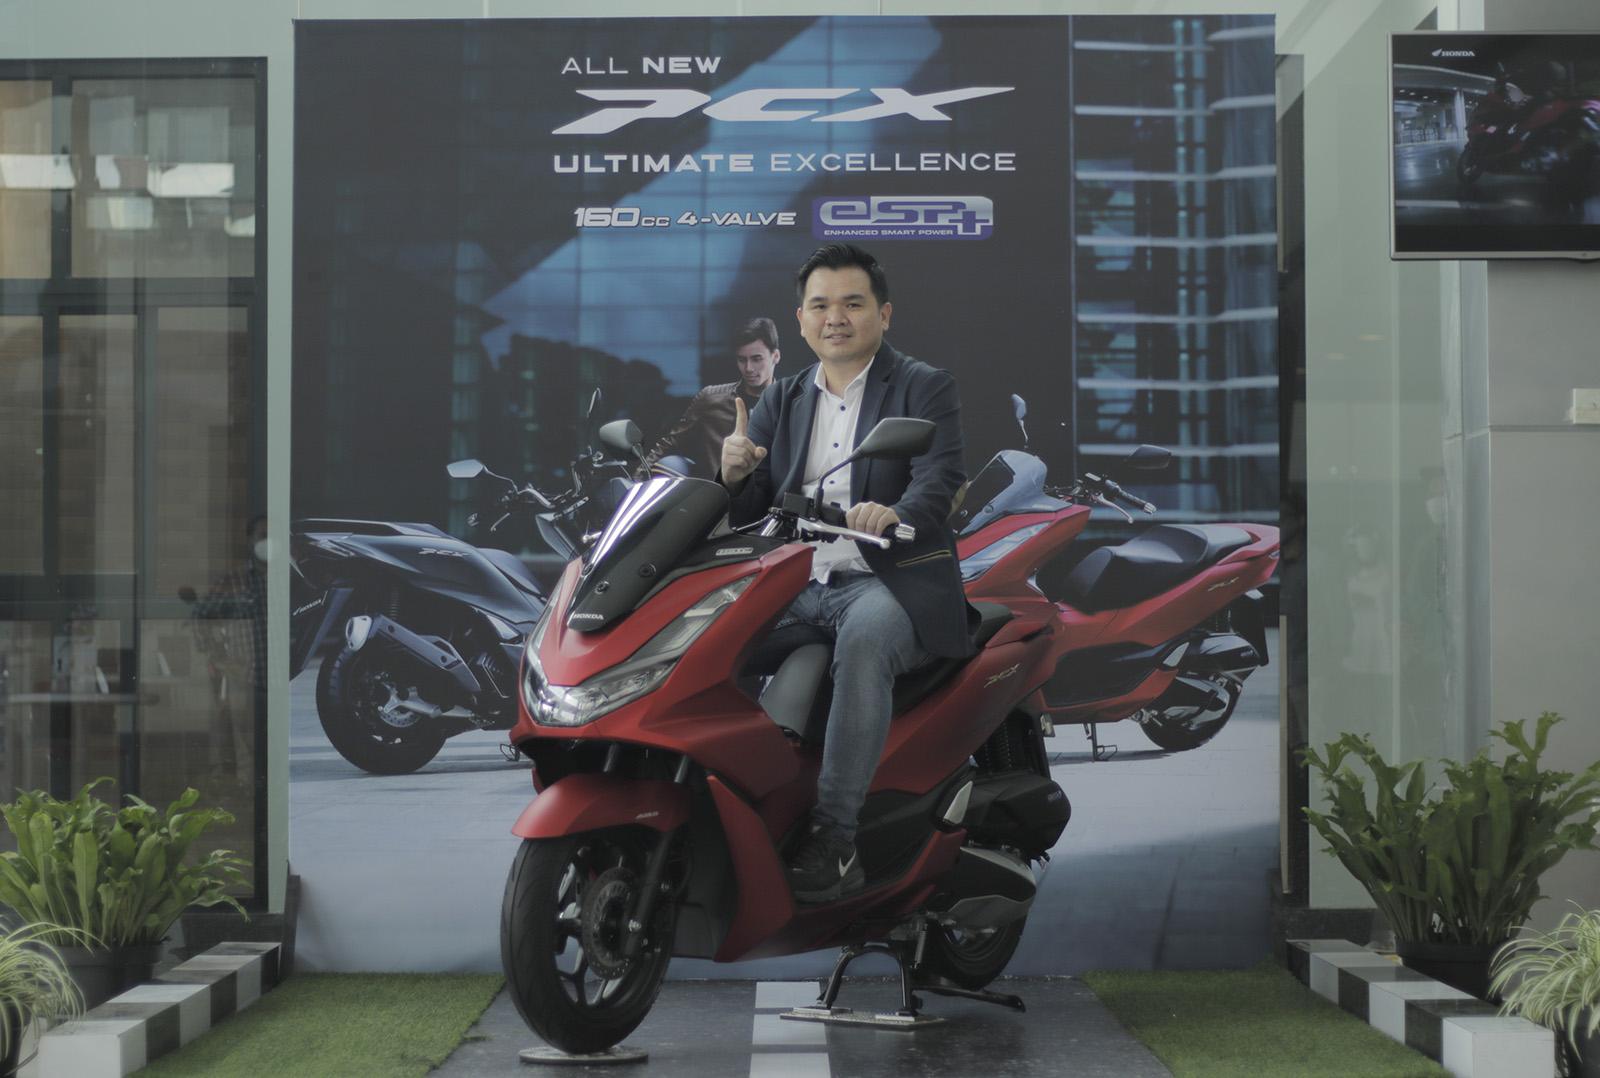 DAM Luncurkan All New Honda PCX dan All New Honda PCX e:HEV Untuk Pasar Jawa Barat